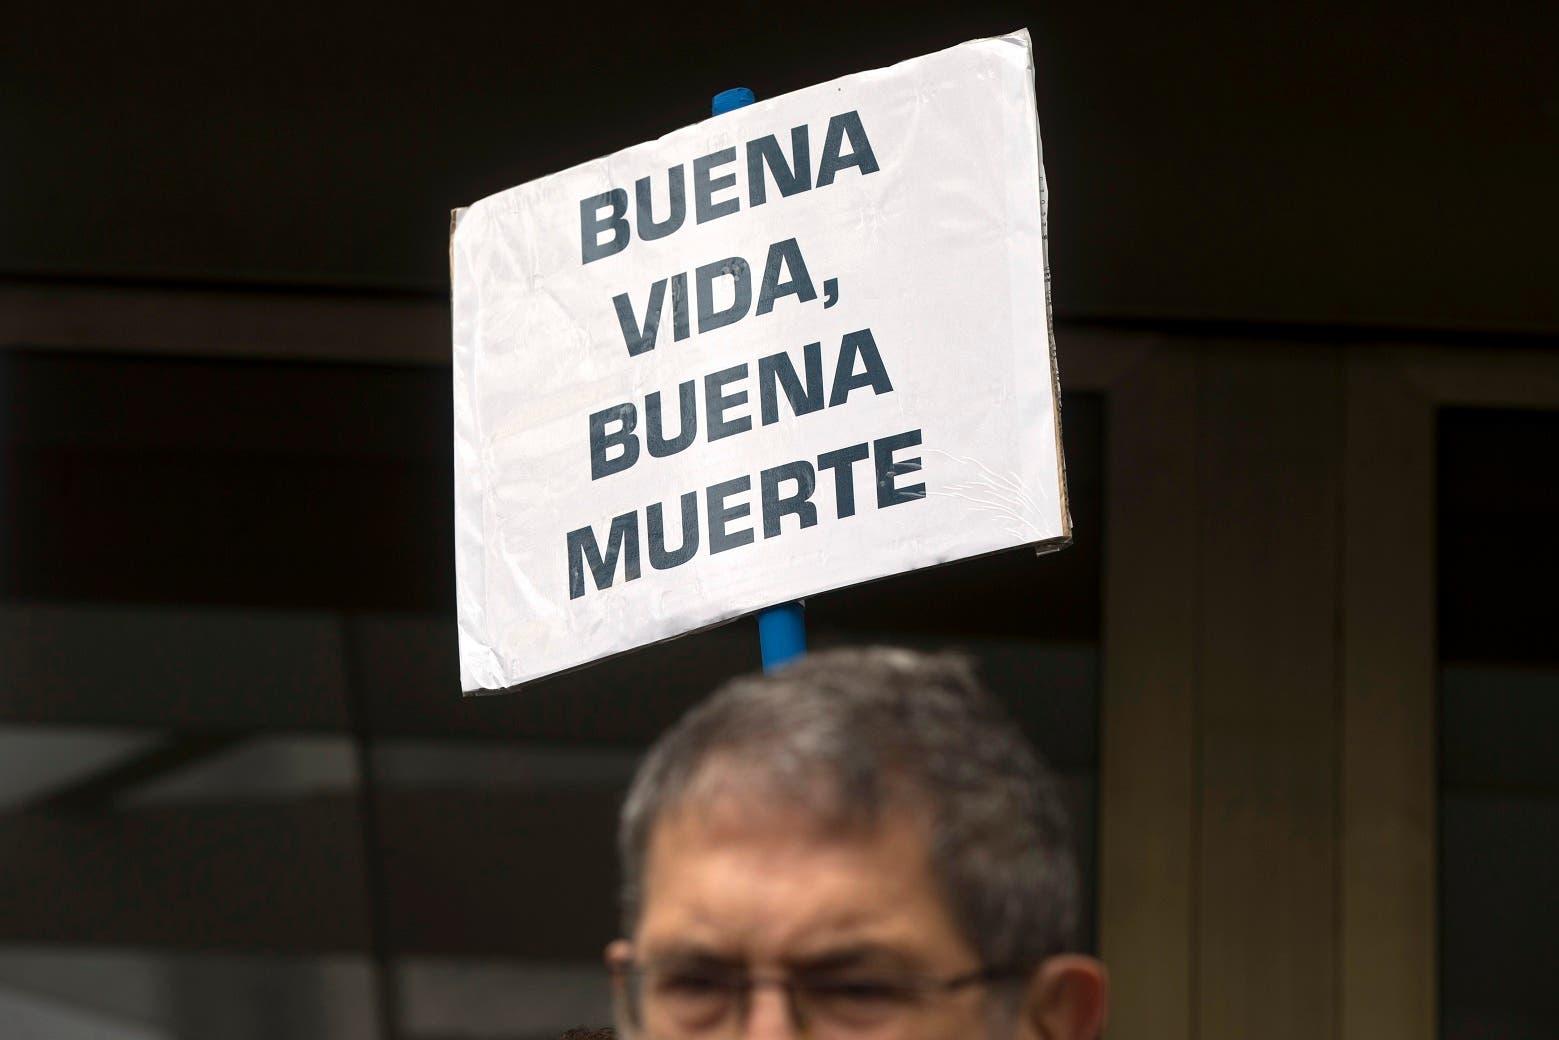 Hernández, de 70 años, quedó ayer en libertad sin medidas cautelares tras prestar y admitir los hechos ante el juez, tras lo cual aseguró que no tiene miedo y que está muy tranquilo porque su mujer ha dejado de sufrir.